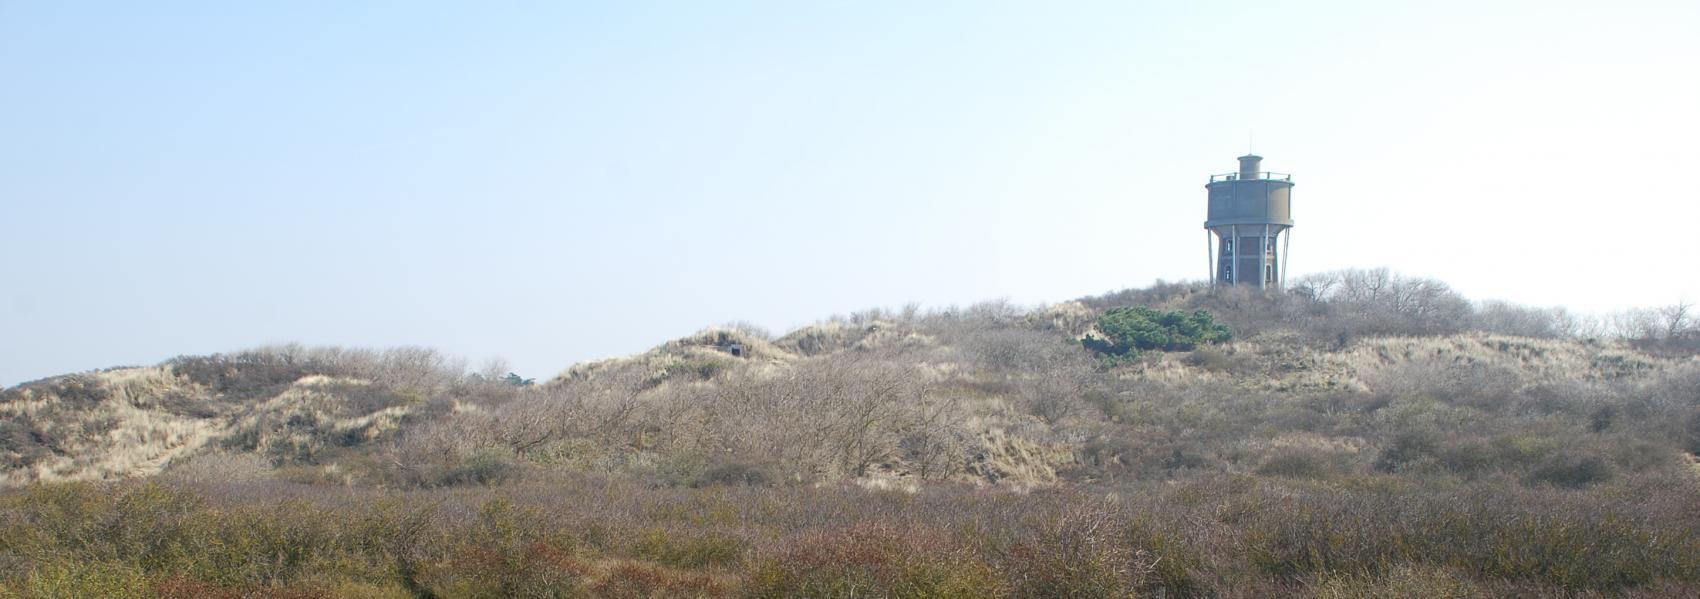 struweel met op de achtergrond de watertoren